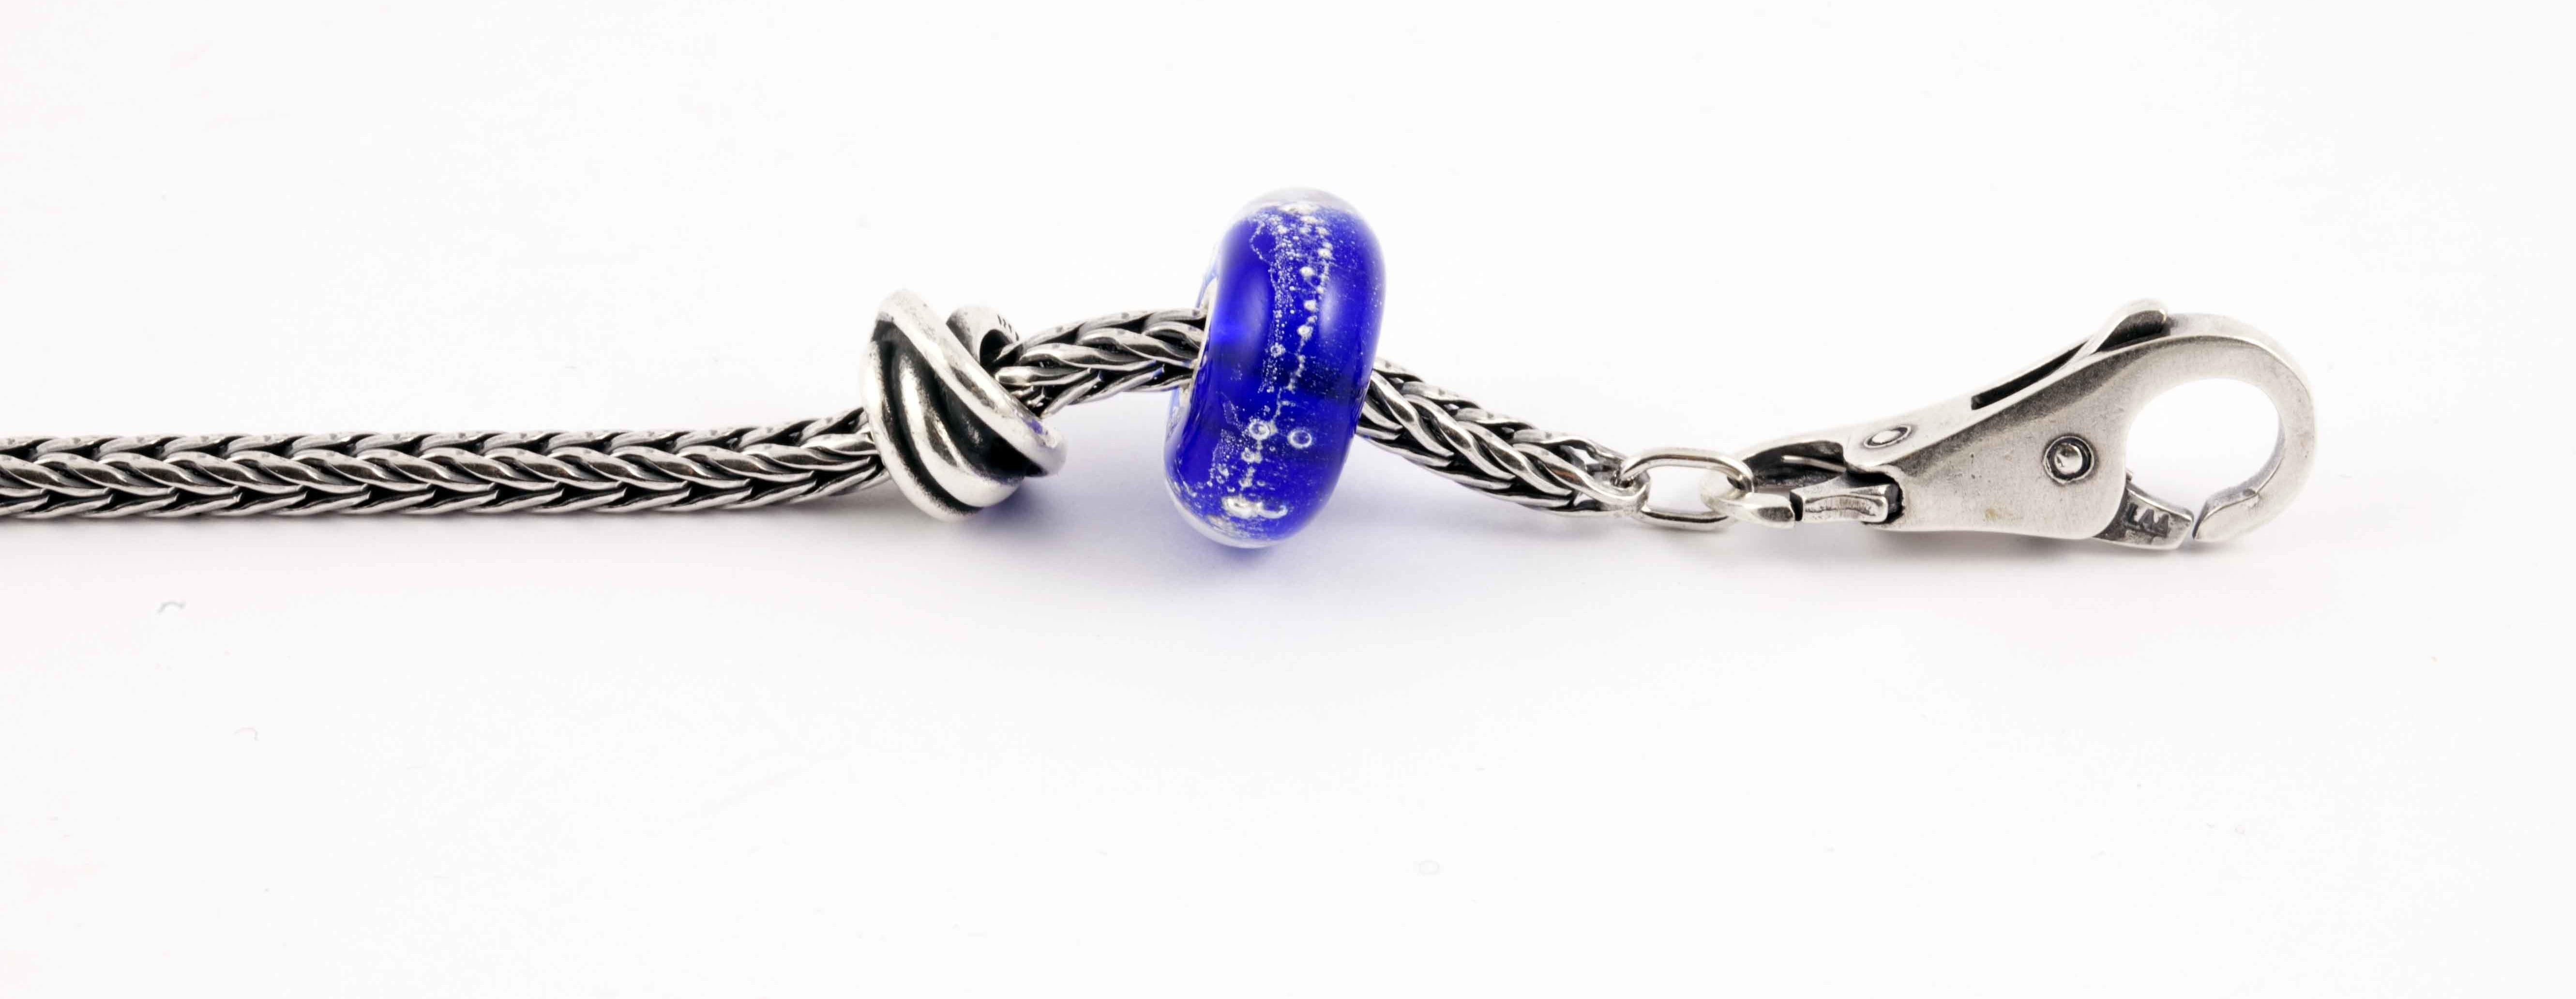 Perchè la fortuna è unisex - #beads Nodo della Fortuna